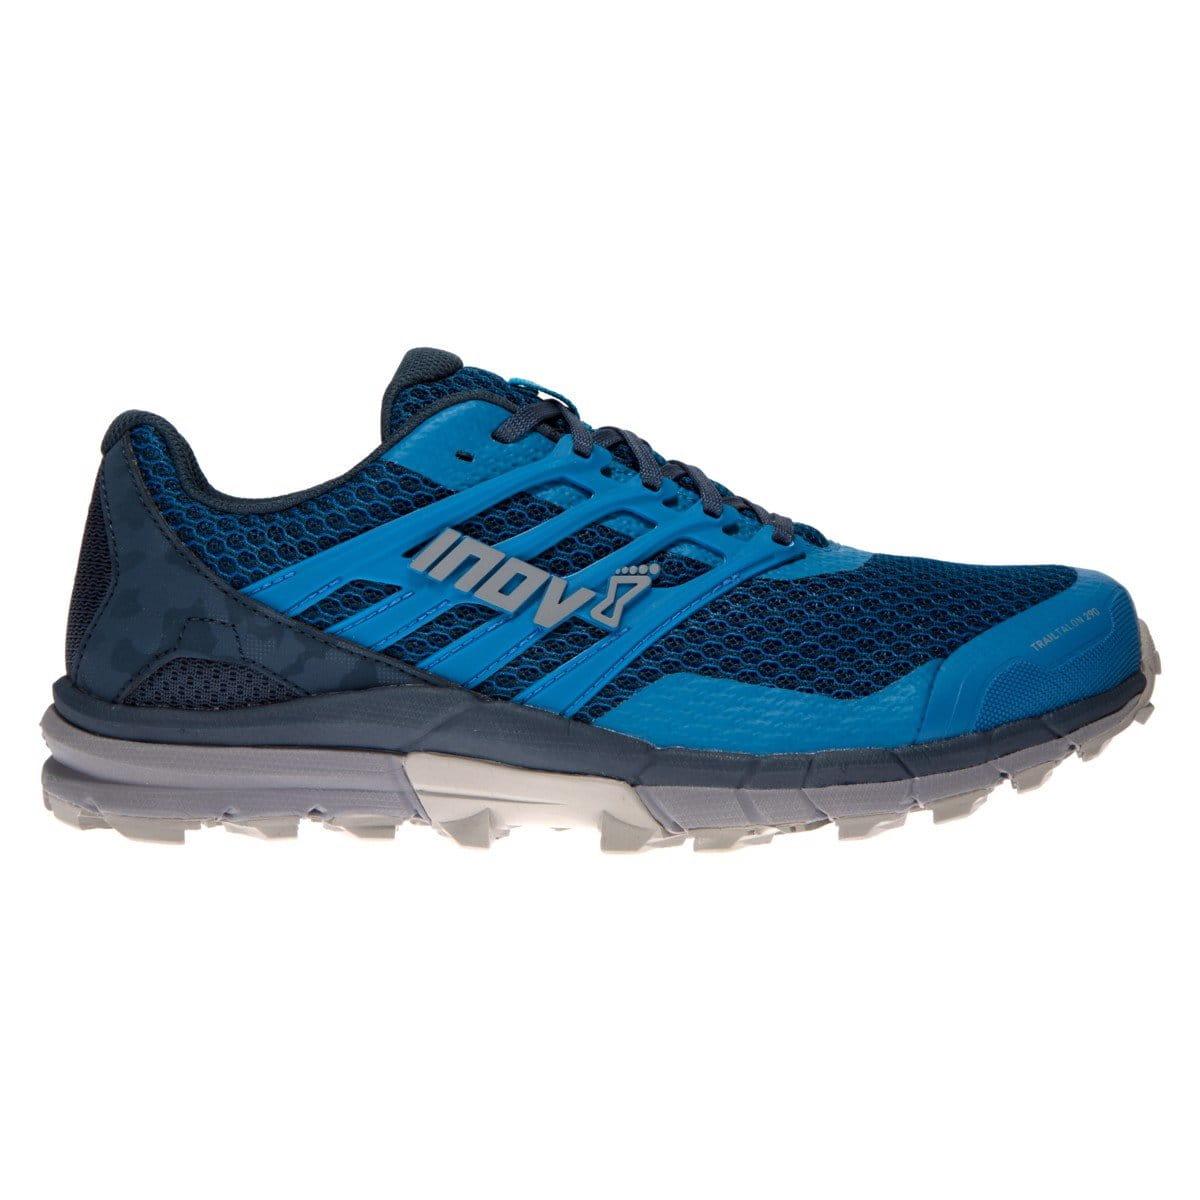 Běžecká obuv Inov-8  TRAIL TALON 290 M (S) blue/grey modrá/šedá